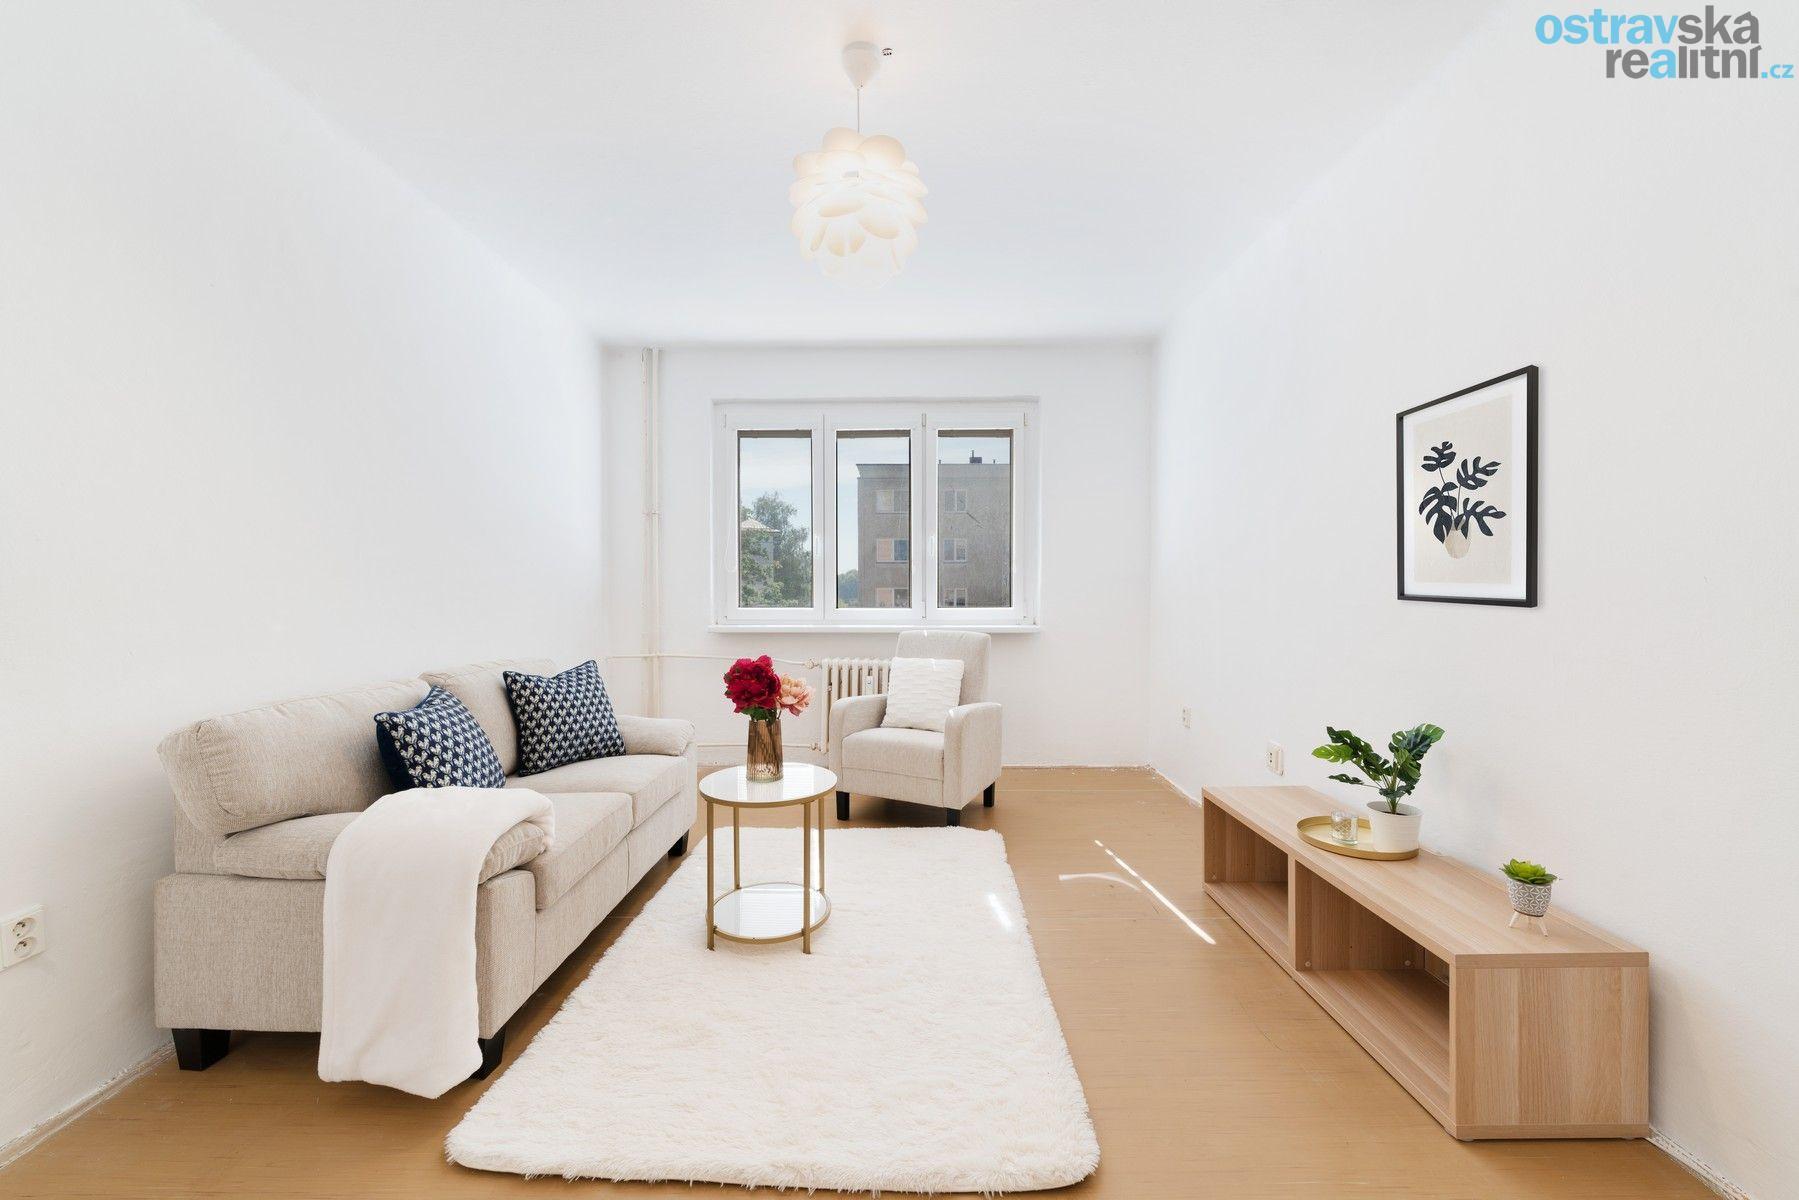 Prodej, byt 2+1 Havířov - Město, ul. Klidná, 52 m2